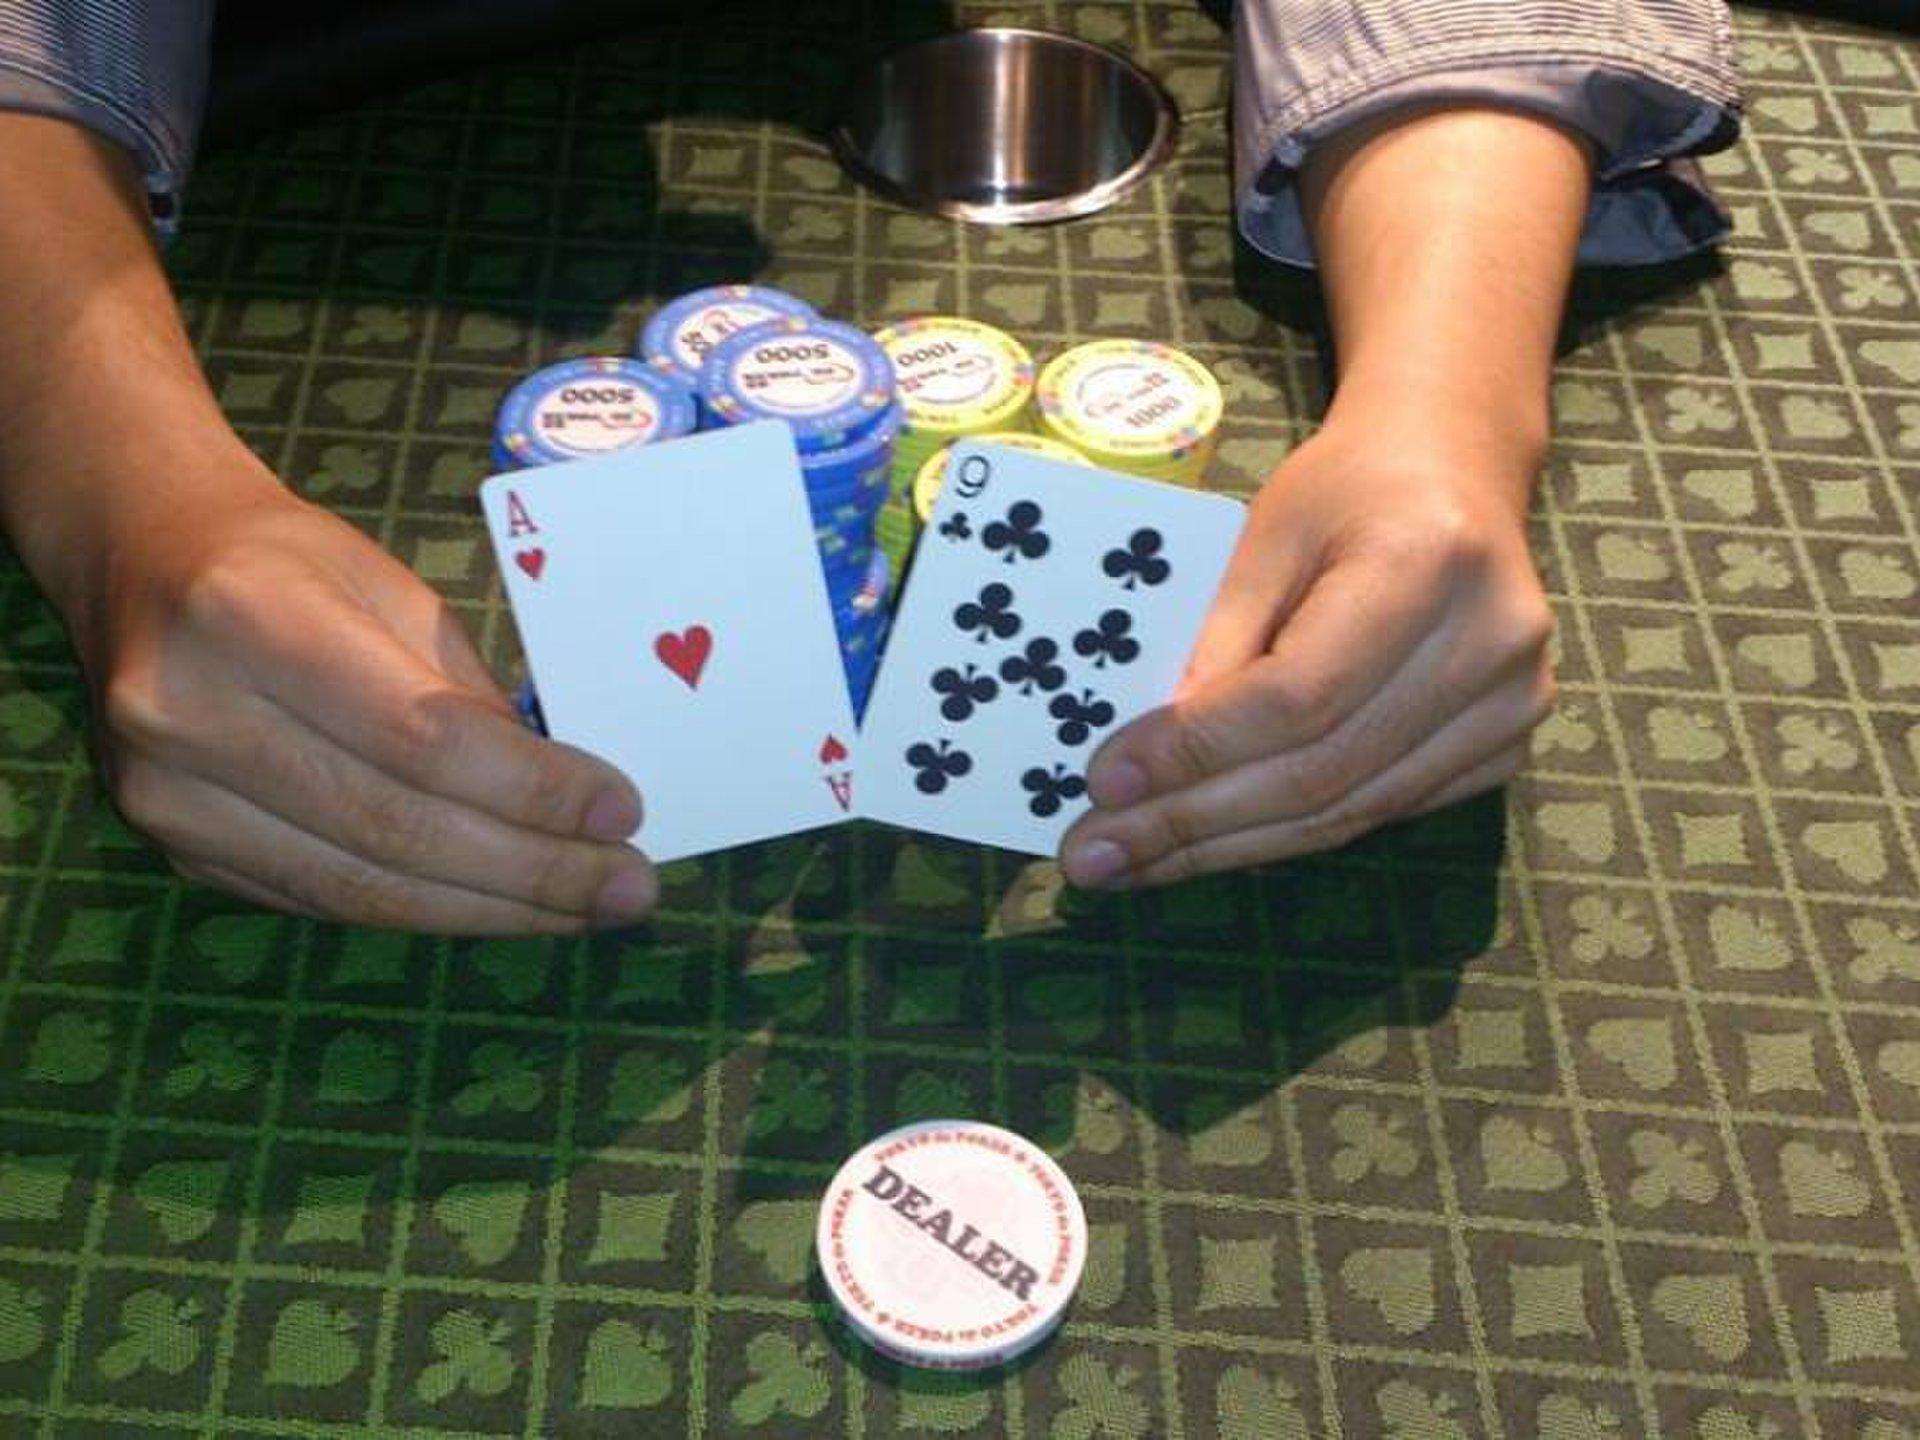 渋谷で飲み会!合法ポーカーを1000円で楽しもう!